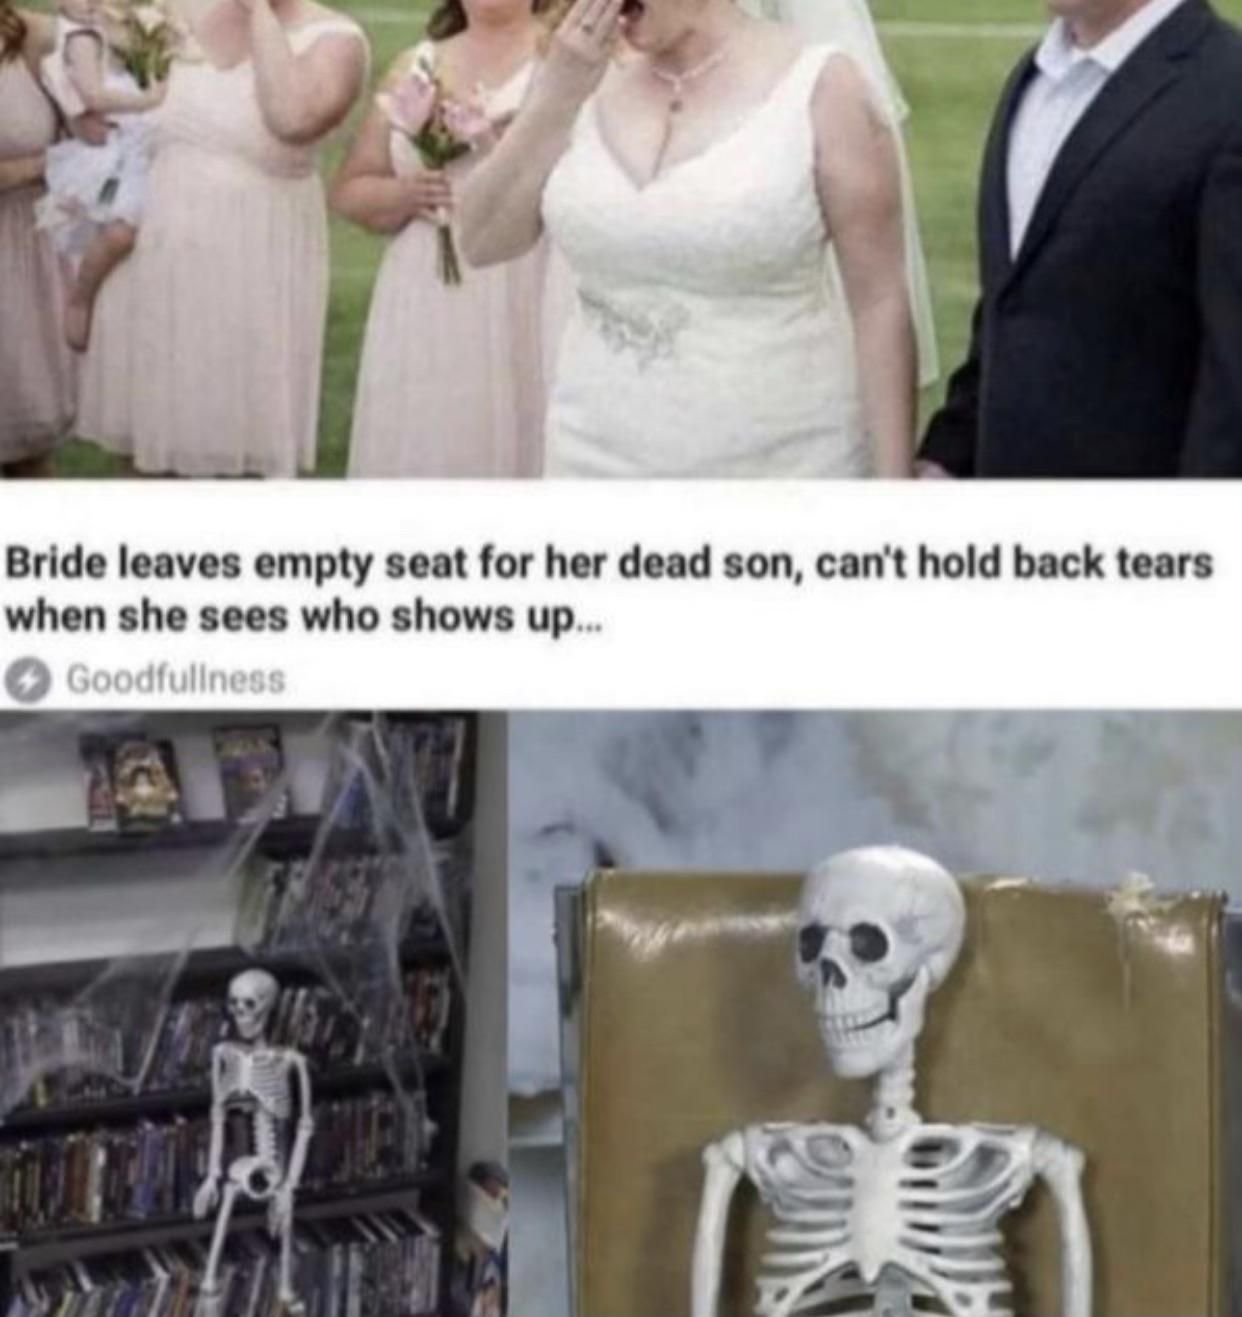 Truly shocking